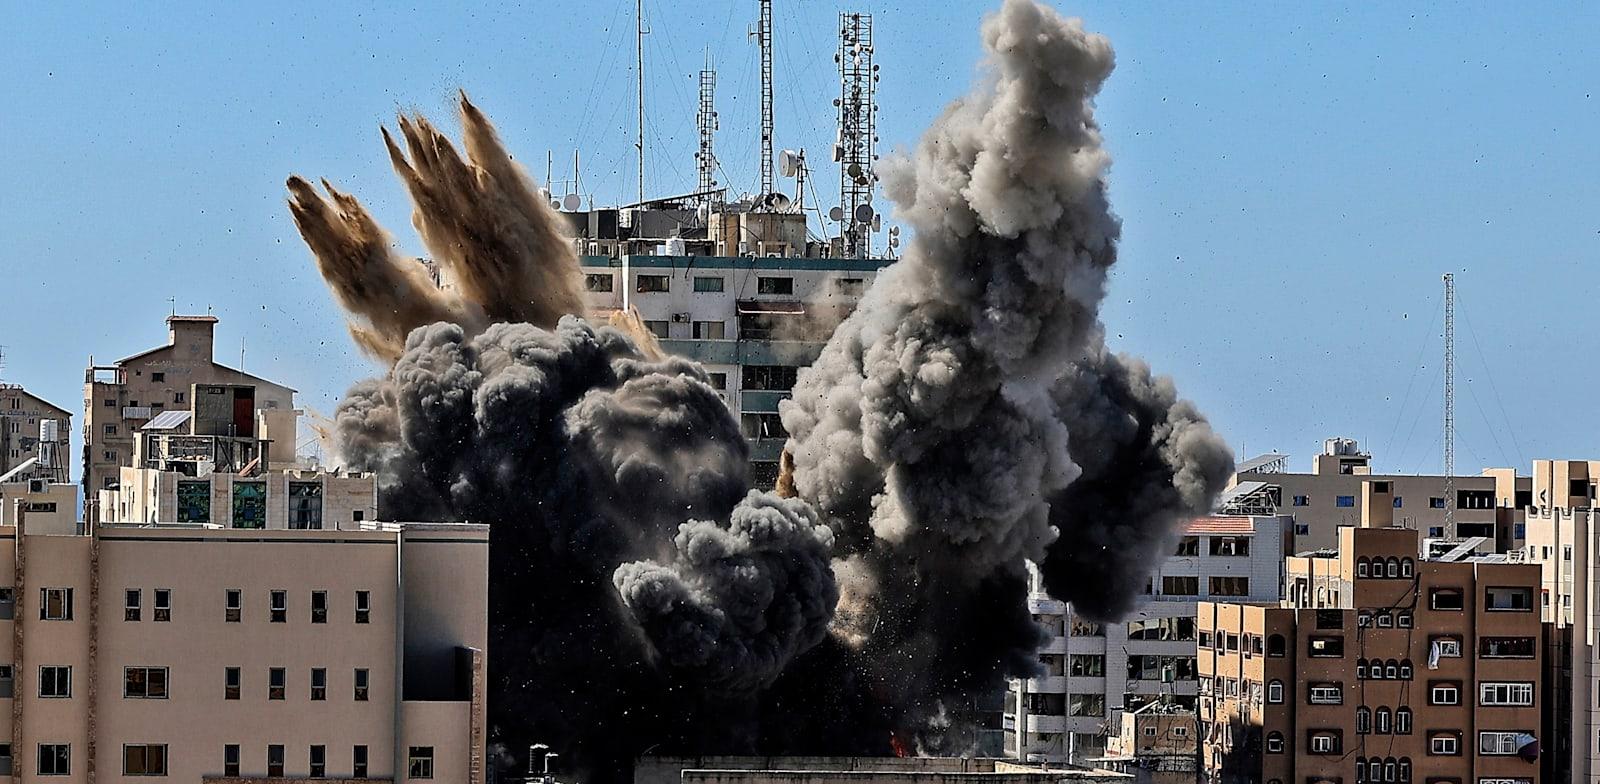 הפצצת מגדל התקשורת בעזה. חמאס לא אהוד באמירויות / צילום: Associated Press, Mahmud Hams